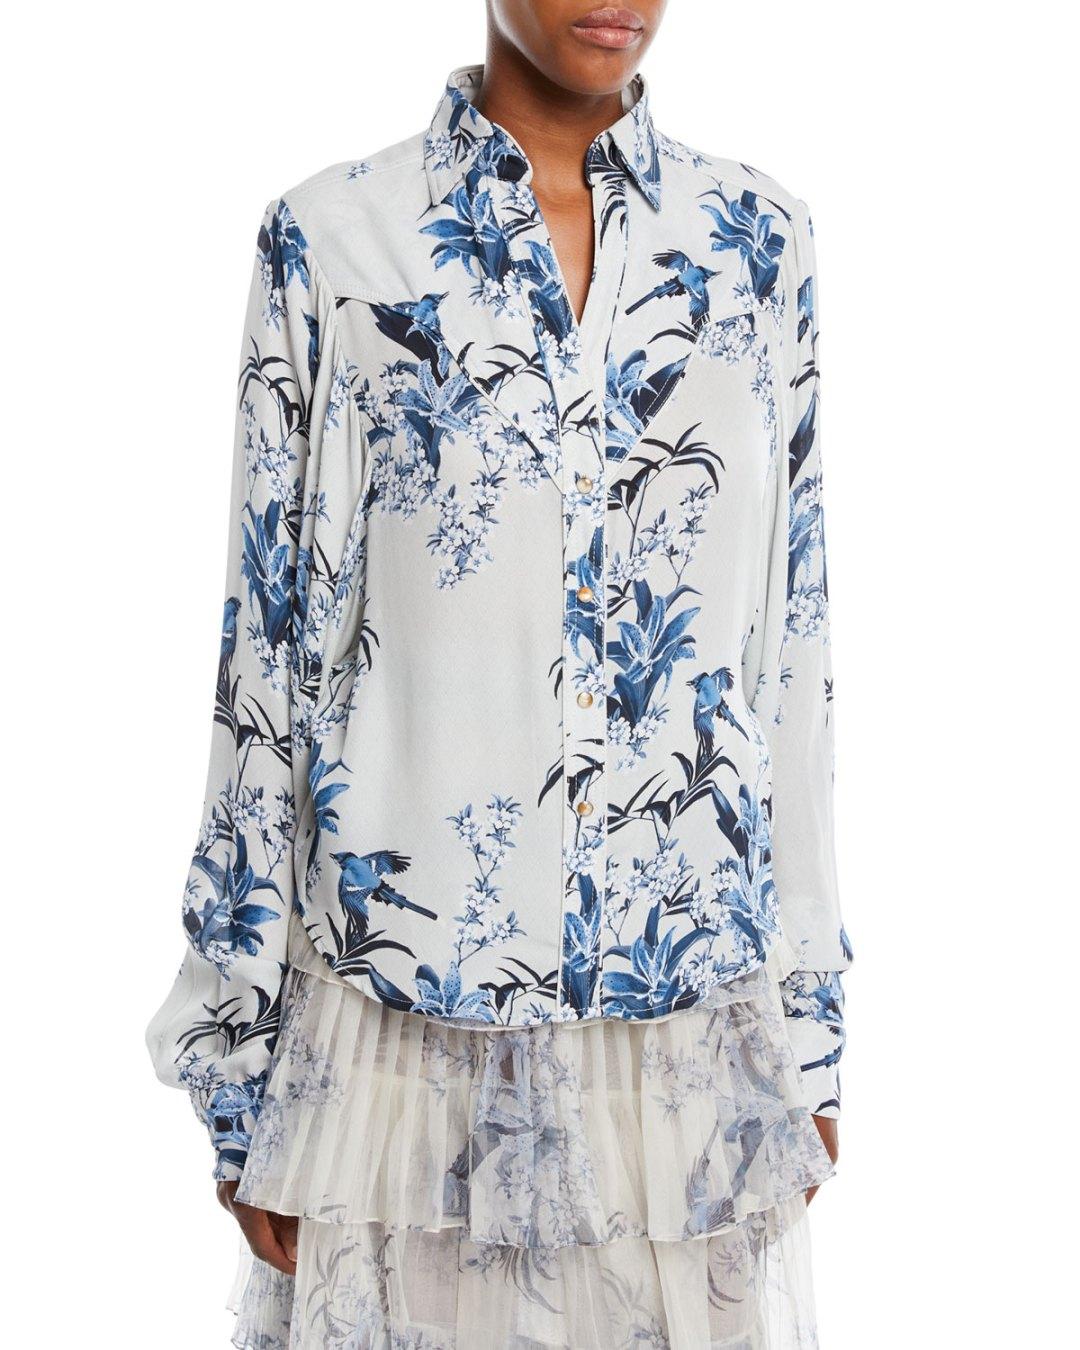 07d515045f2ab JOHANNA ORTIZ – Azalea Blue Button-Front Long-Sleeve Blue-Jay Garden-Print Silk  Shirt – Bergdorf Goodman (Neiman Marcus) –  1